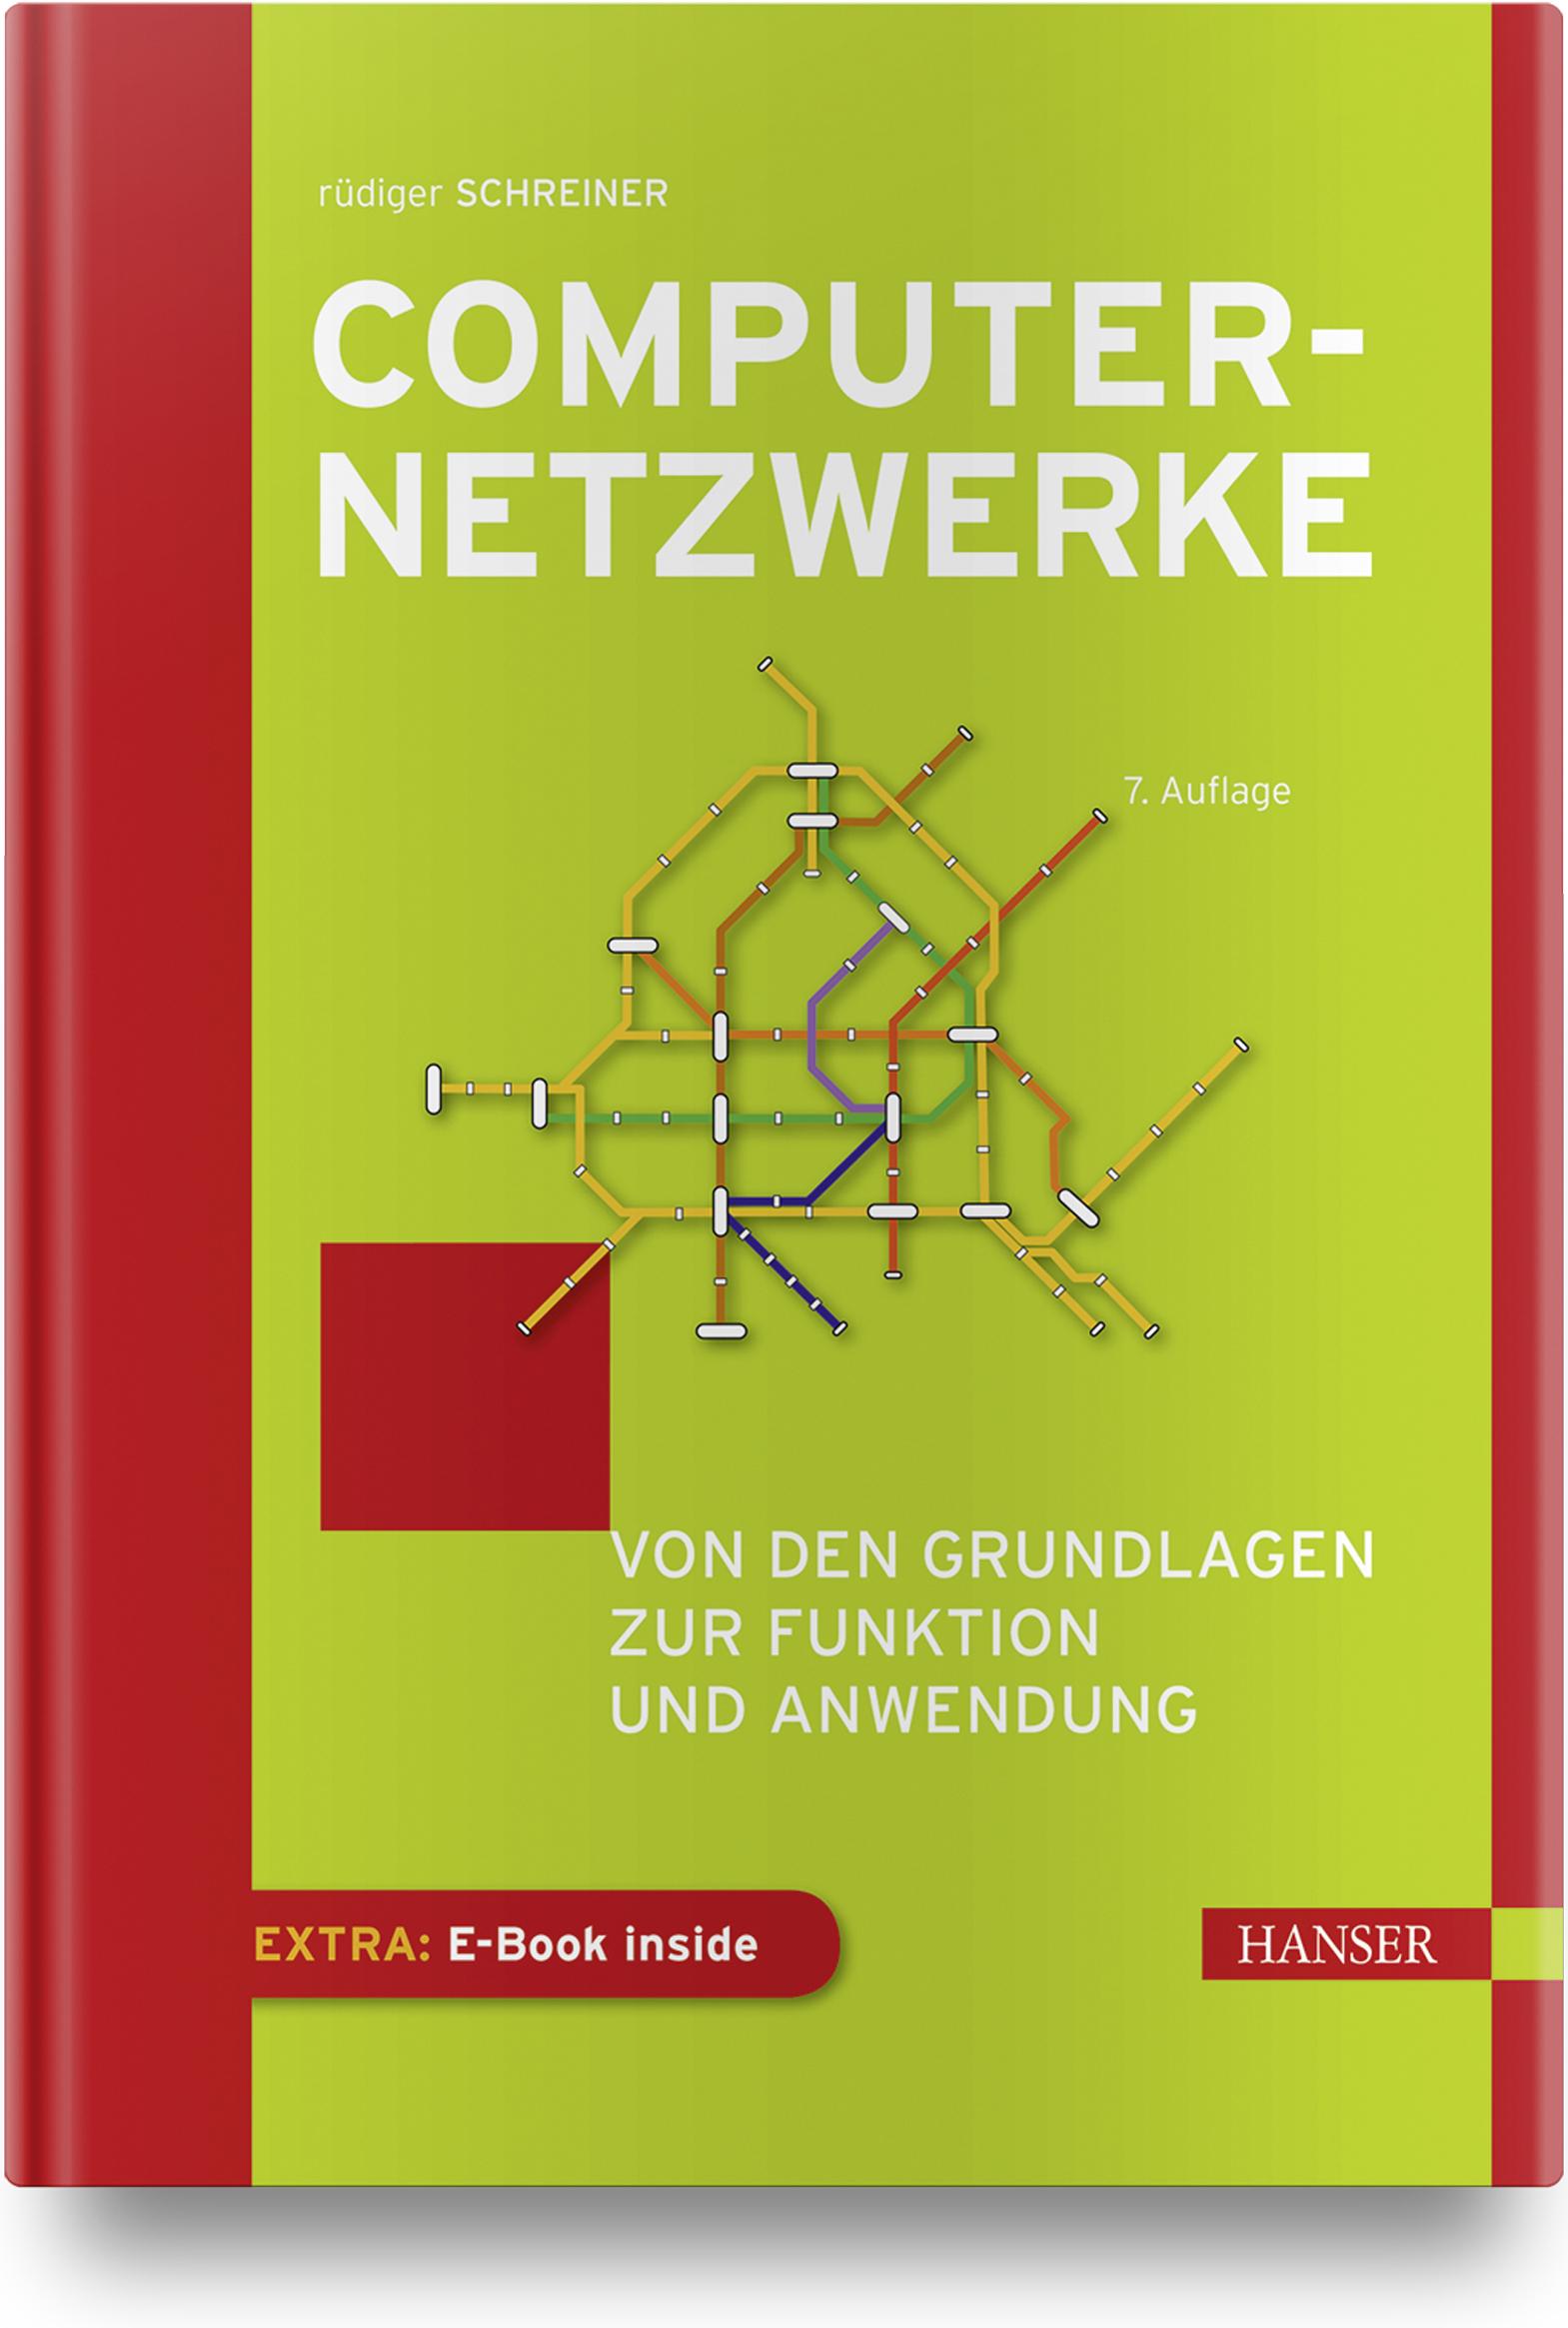 Schreiner, Computernetzwerke, 978-3-446-46005-8